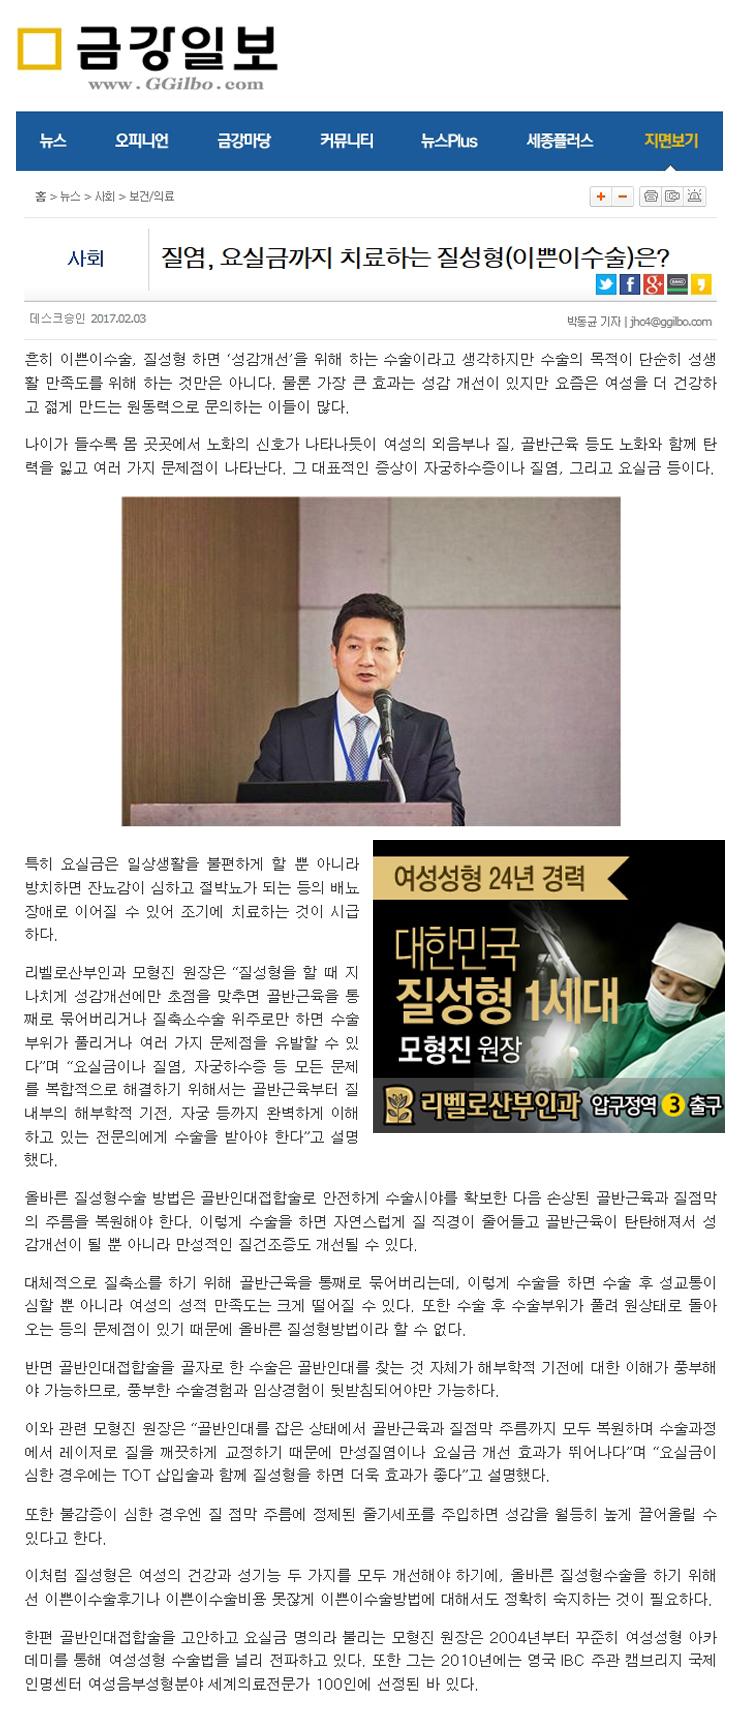 금강일보-20170203.jpg